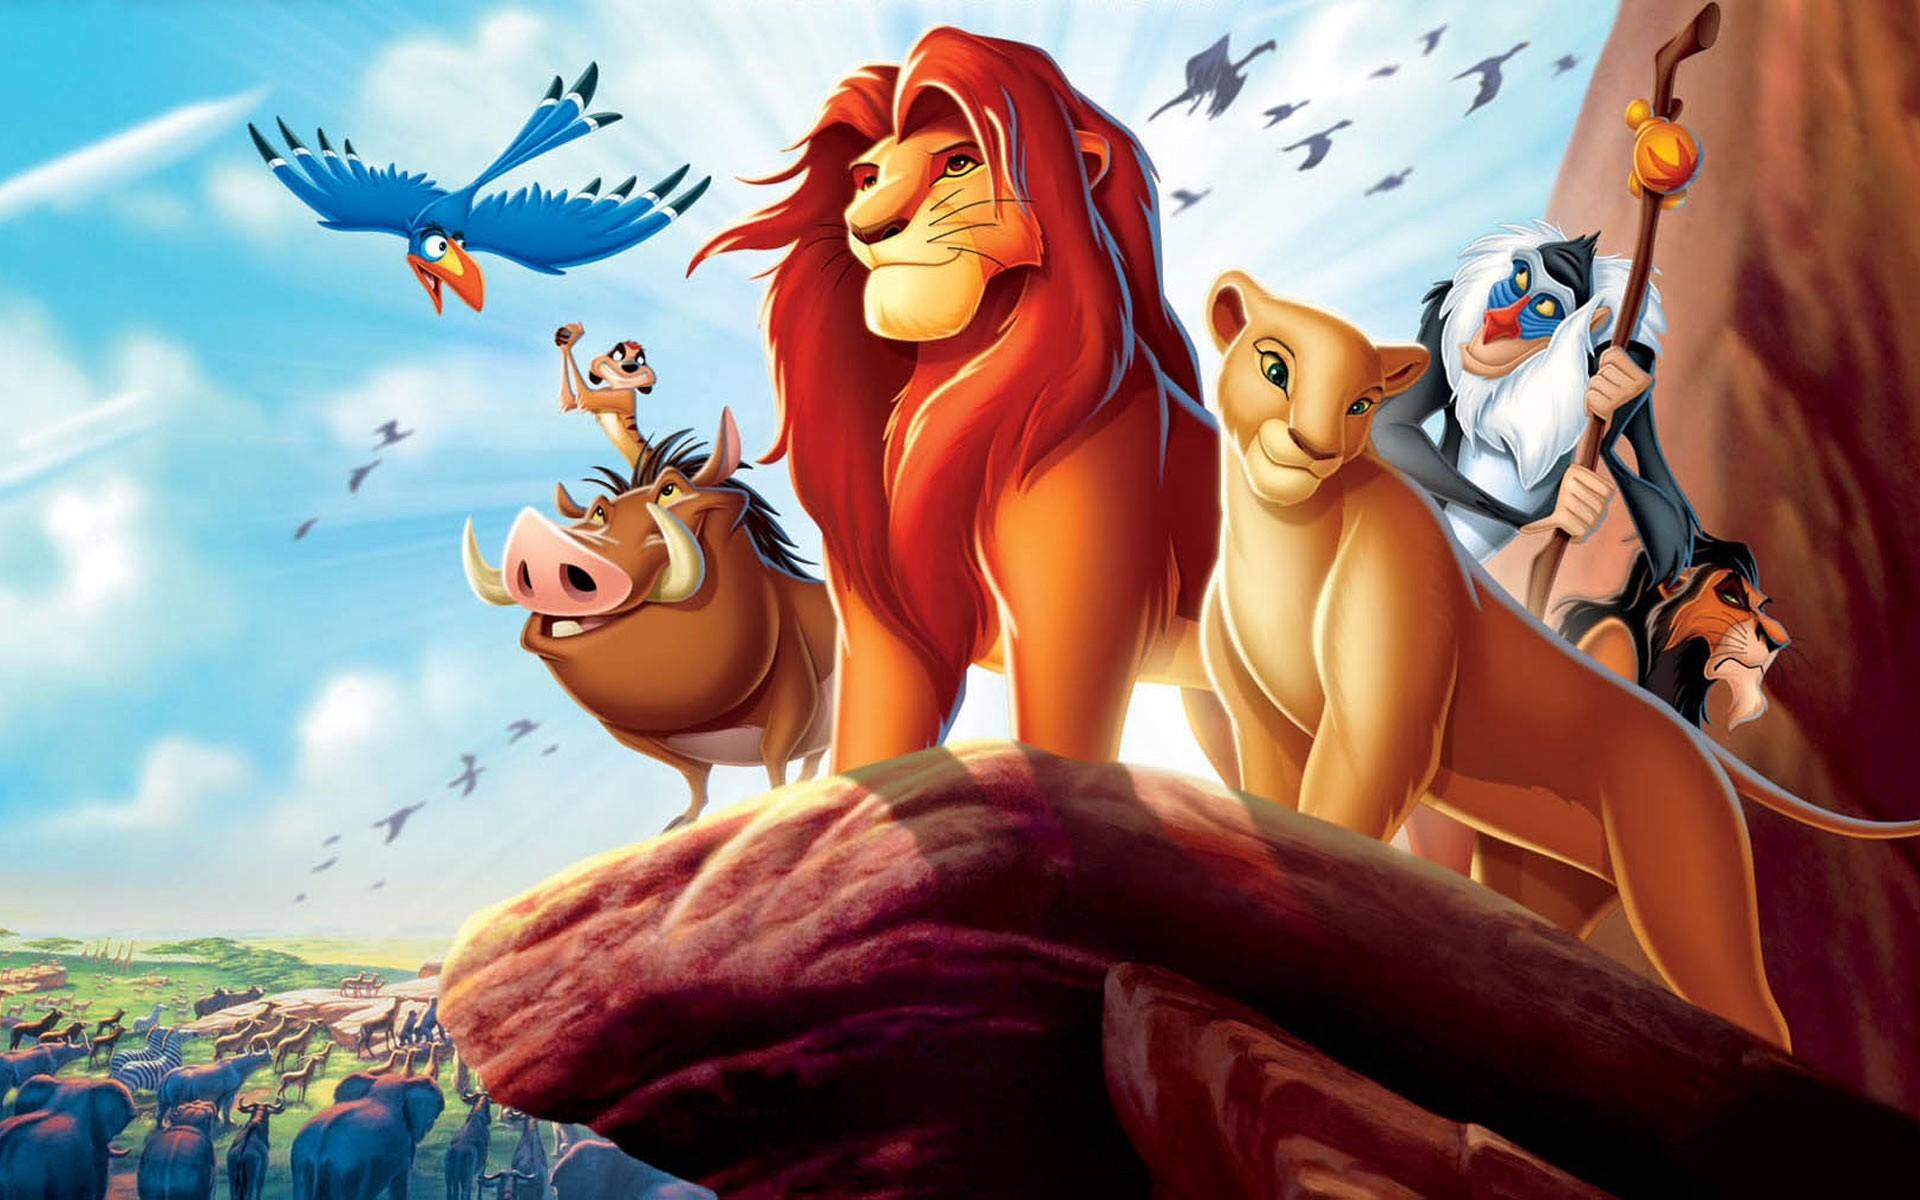 «Принцессу-невесту» и«Короля льва» включили внациональный кинореестр США